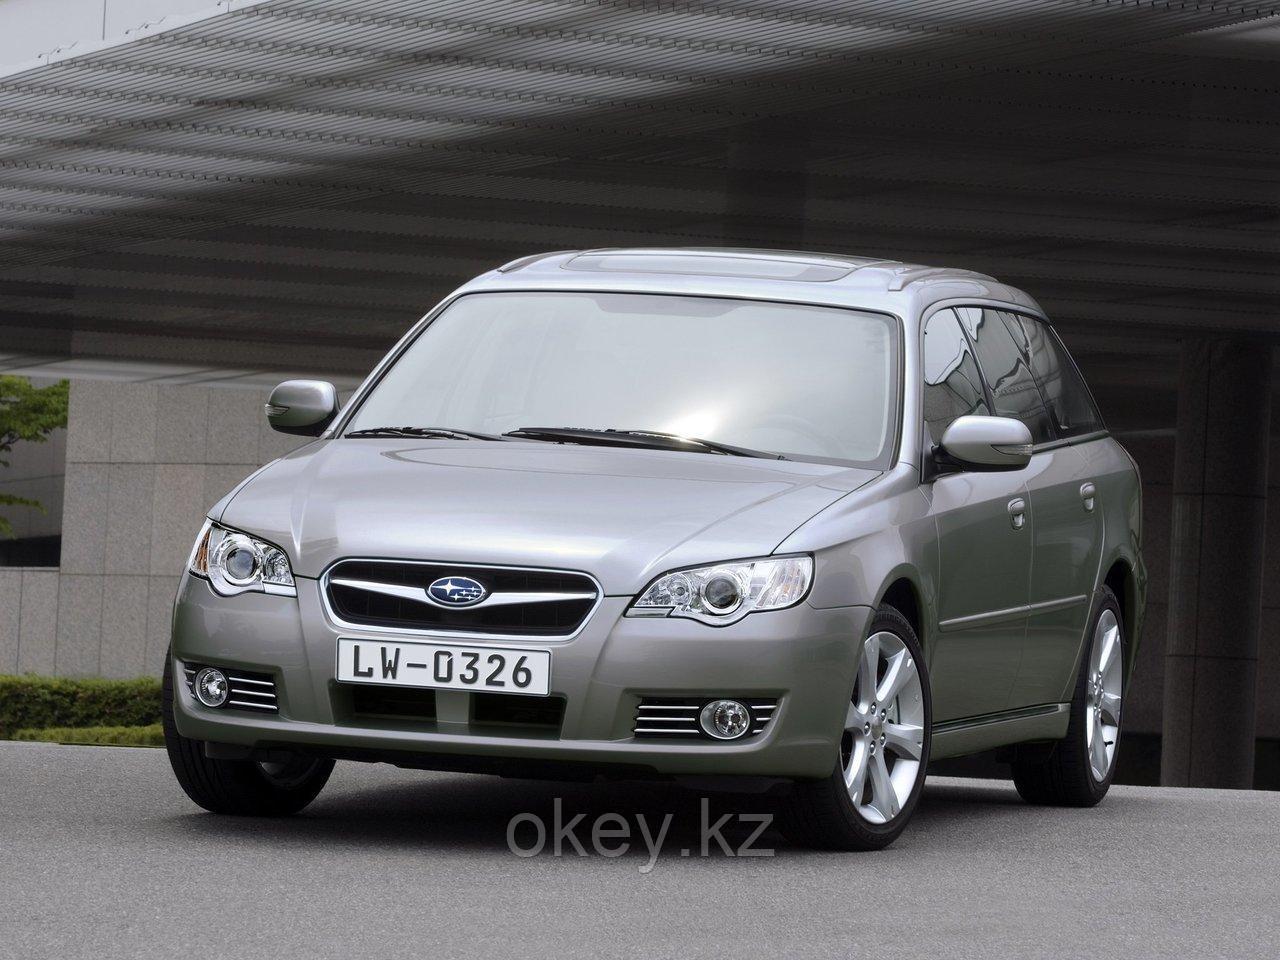 Тормозные колодки Kötl 3371KT для Subaru Legacy IV универсал (BP, B13_) 2.5 AWD, 2003-2013 года выпуска.